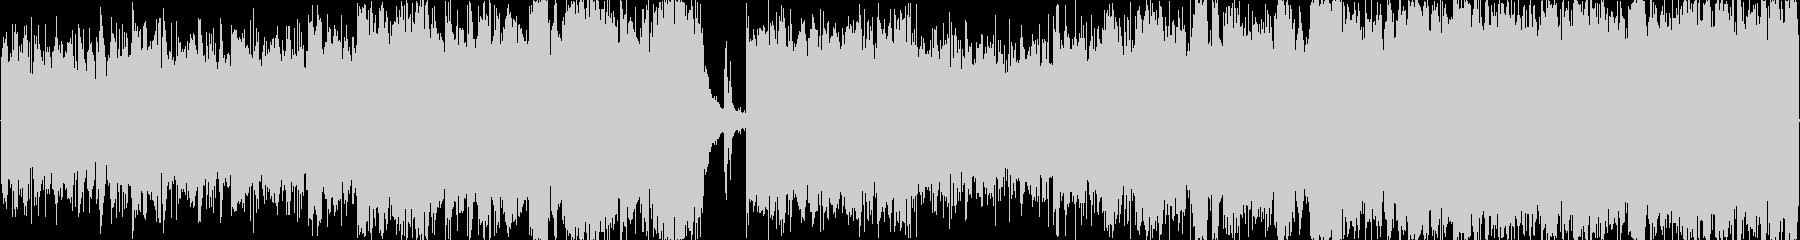 ヘビメタ系ループ音源の未再生の波形